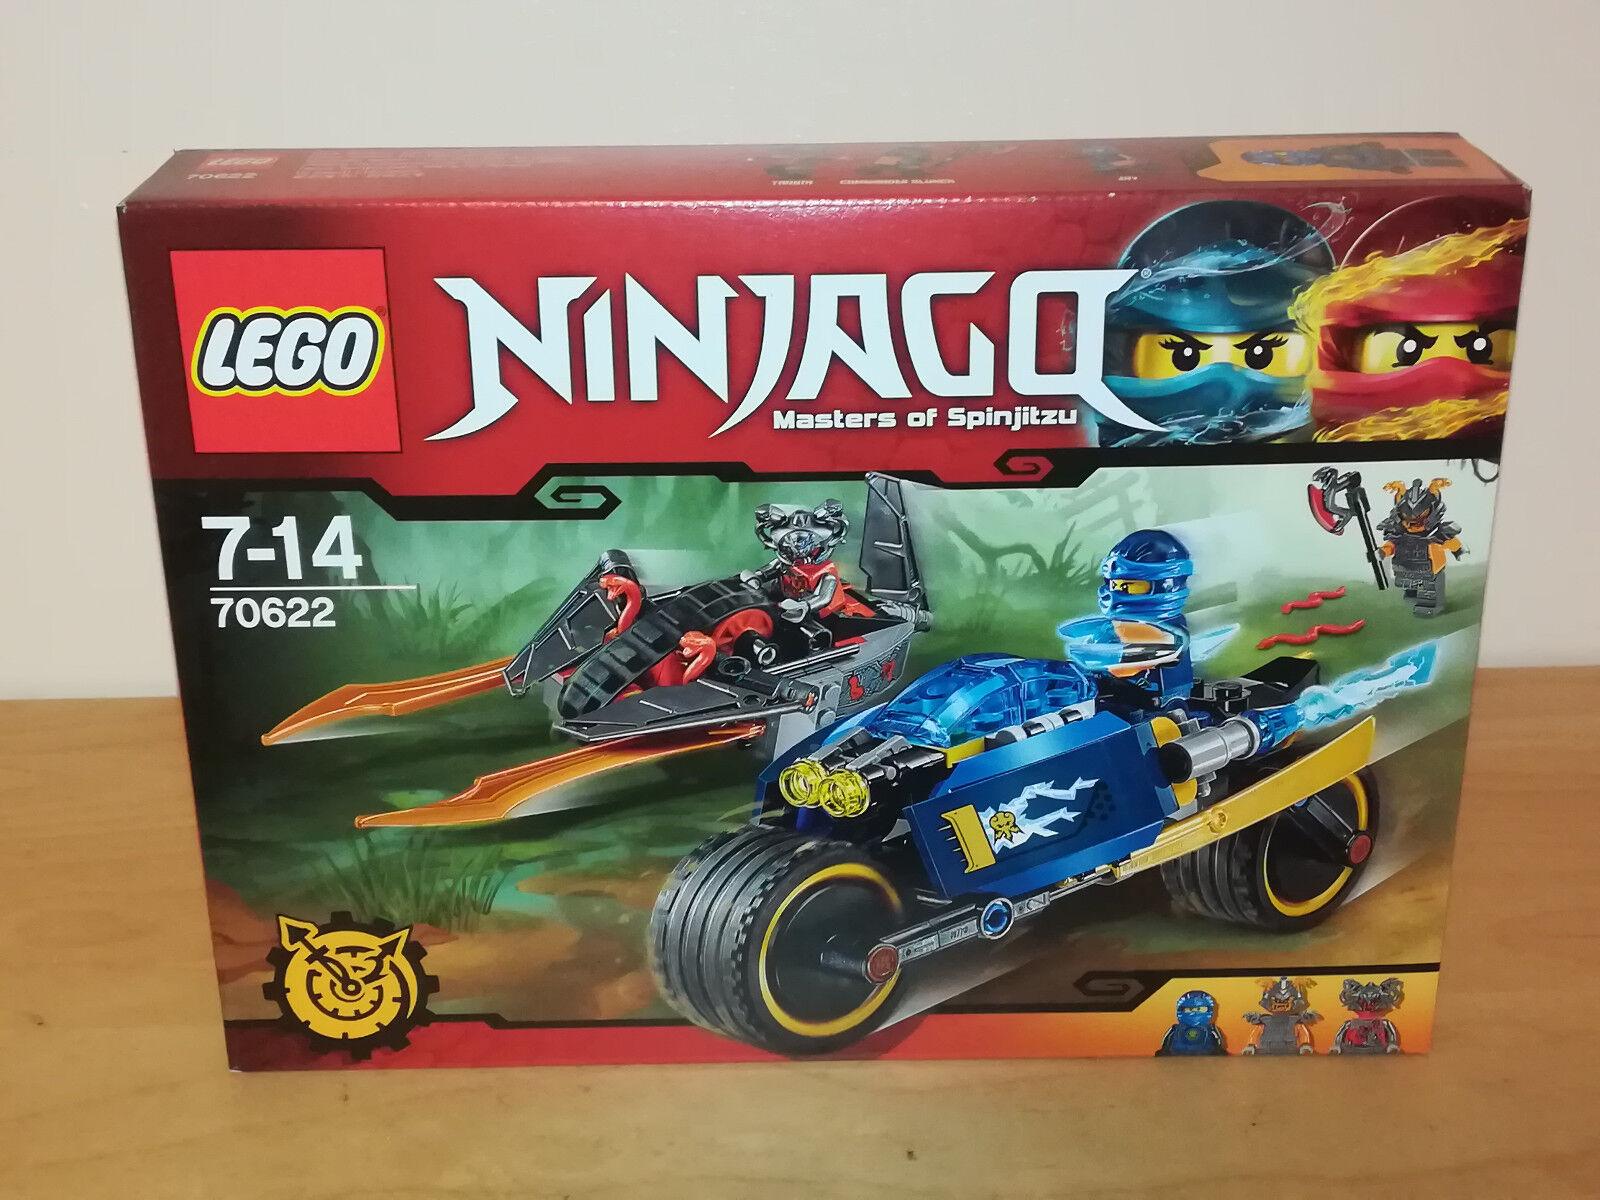 LEGO Ninjago 70622 DESERT LIGHTNING - Brand New - The Hands of Time